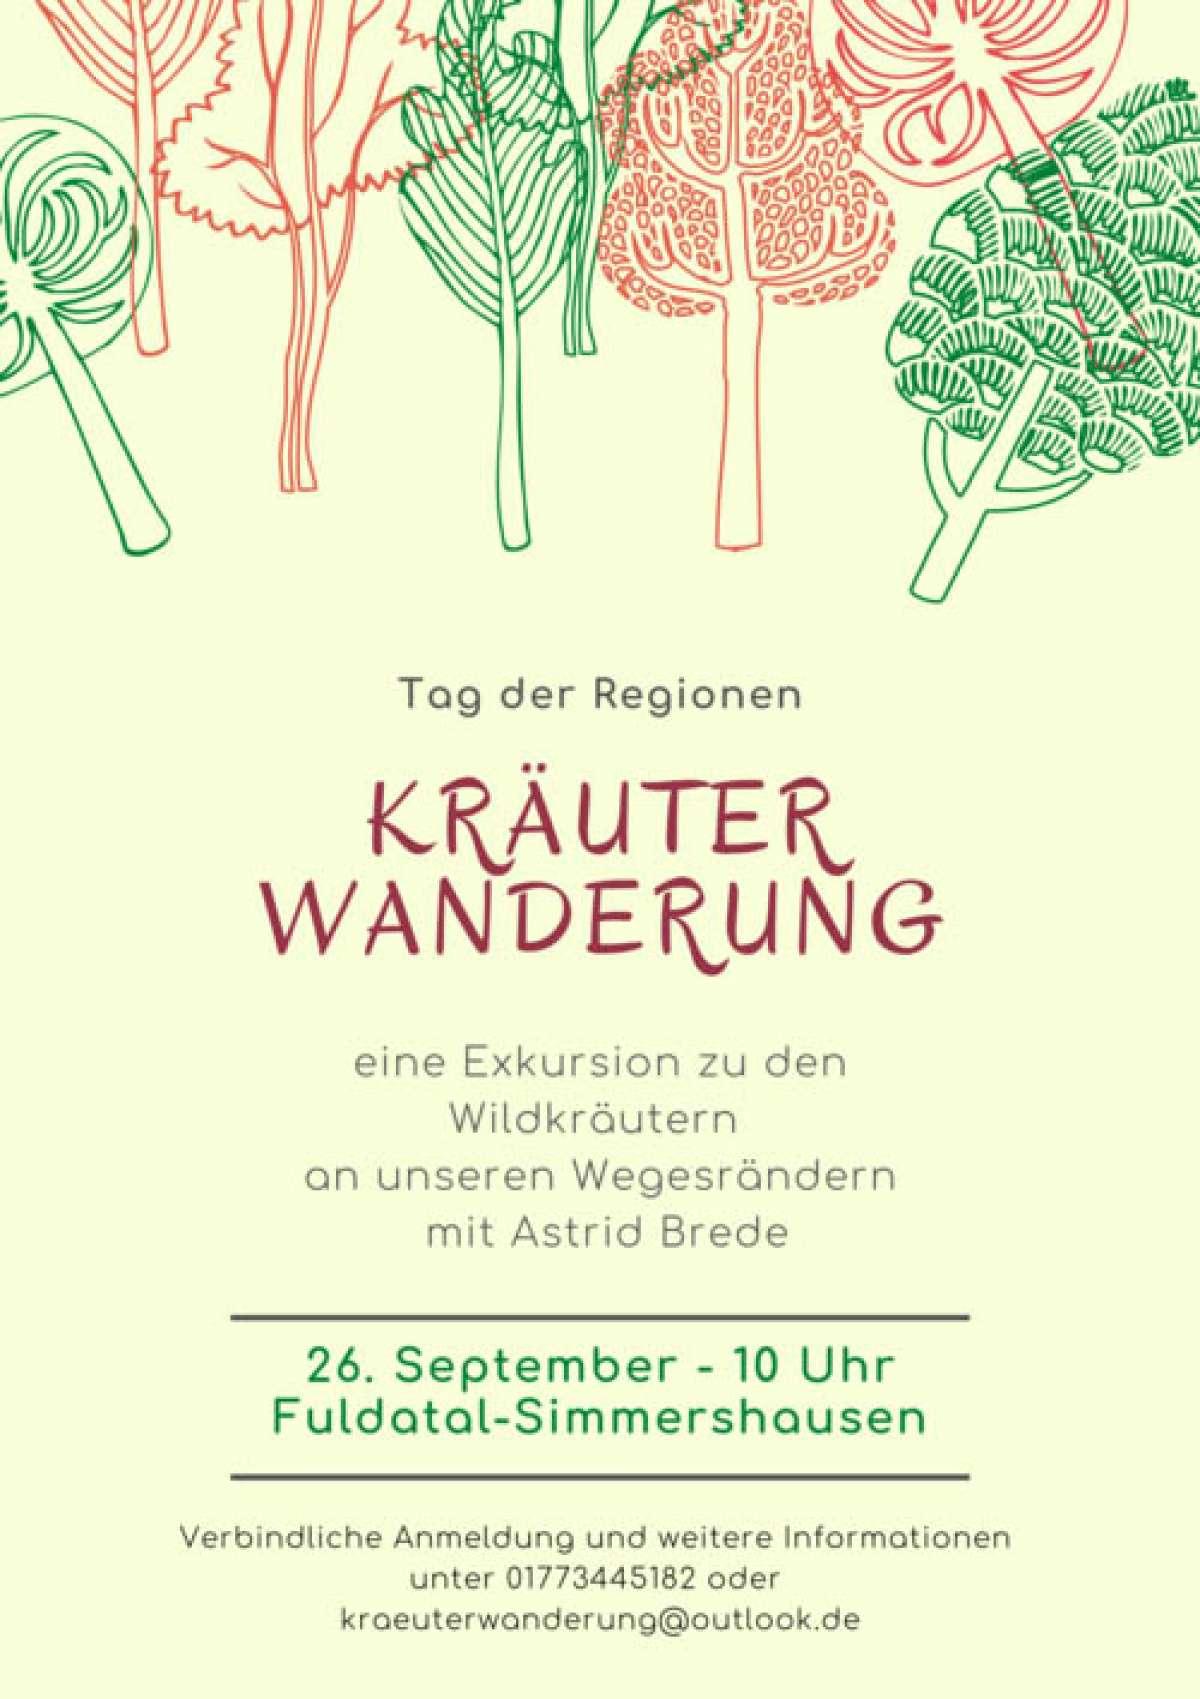 Tag der Regionen: Kräuterwanderung entlang der heimischen Wegesränder - Astrid Brede - Stadt Fuldatal-Simmershausen - Ahnatal